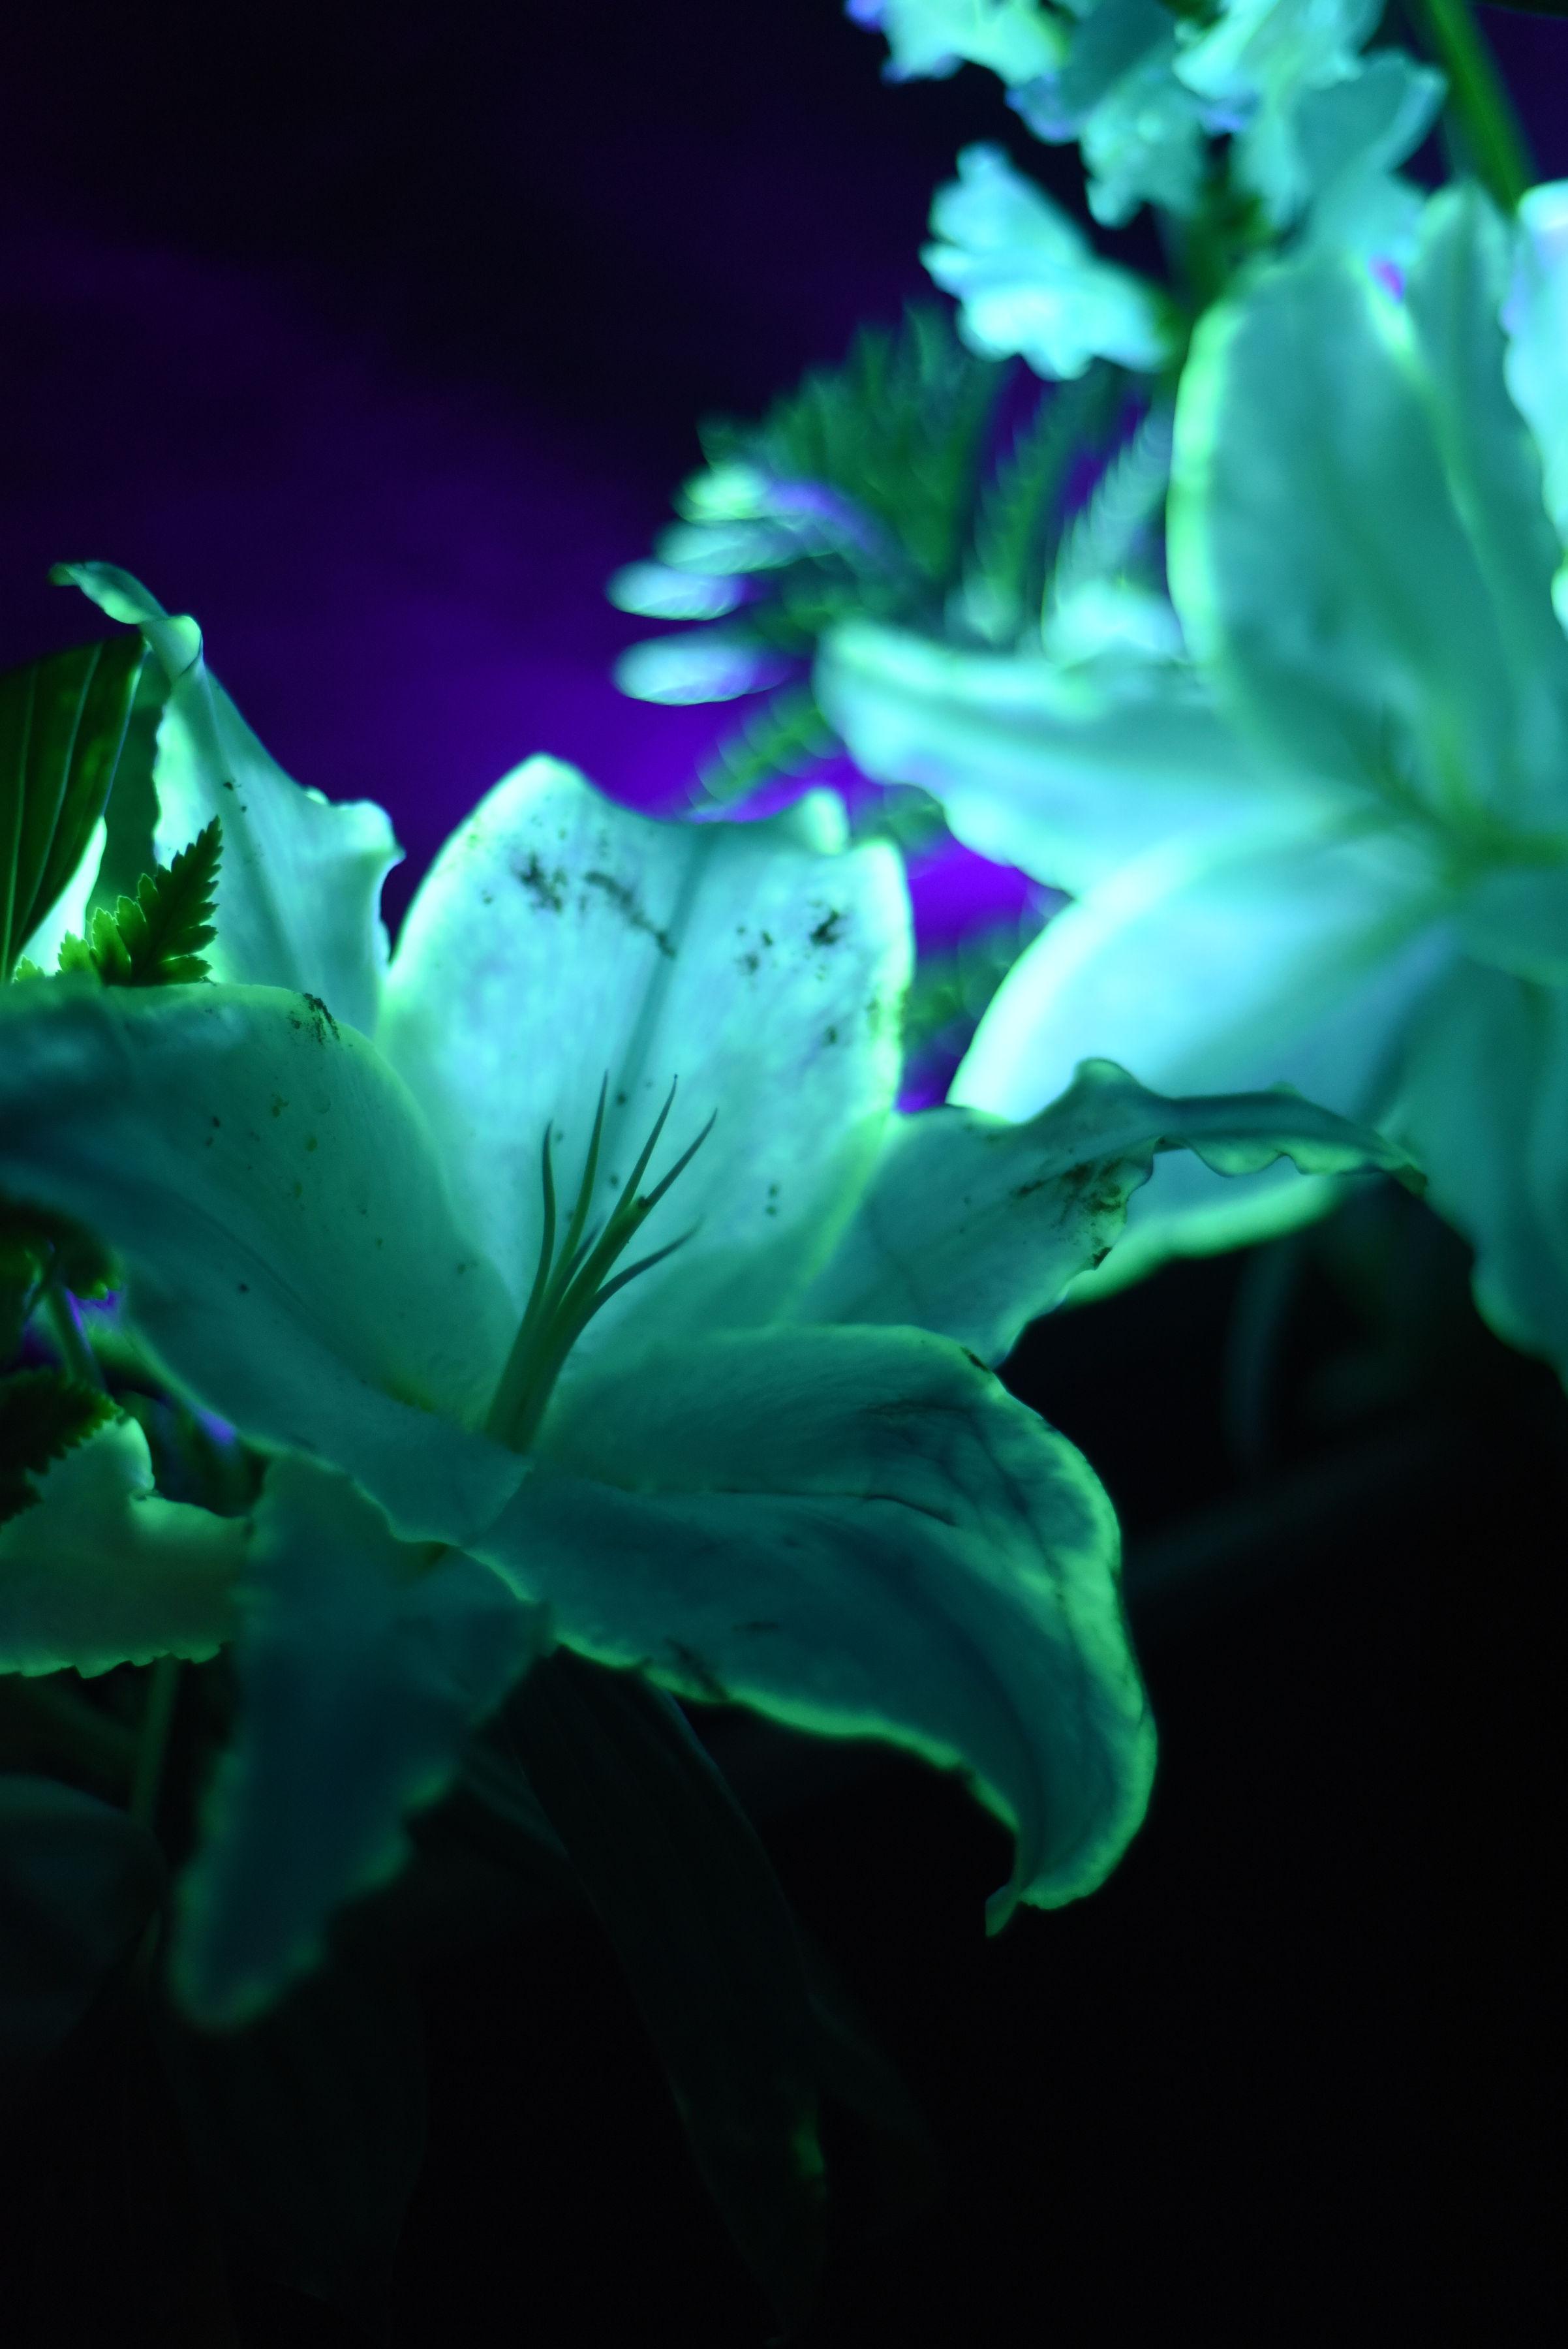 Lys luminescents